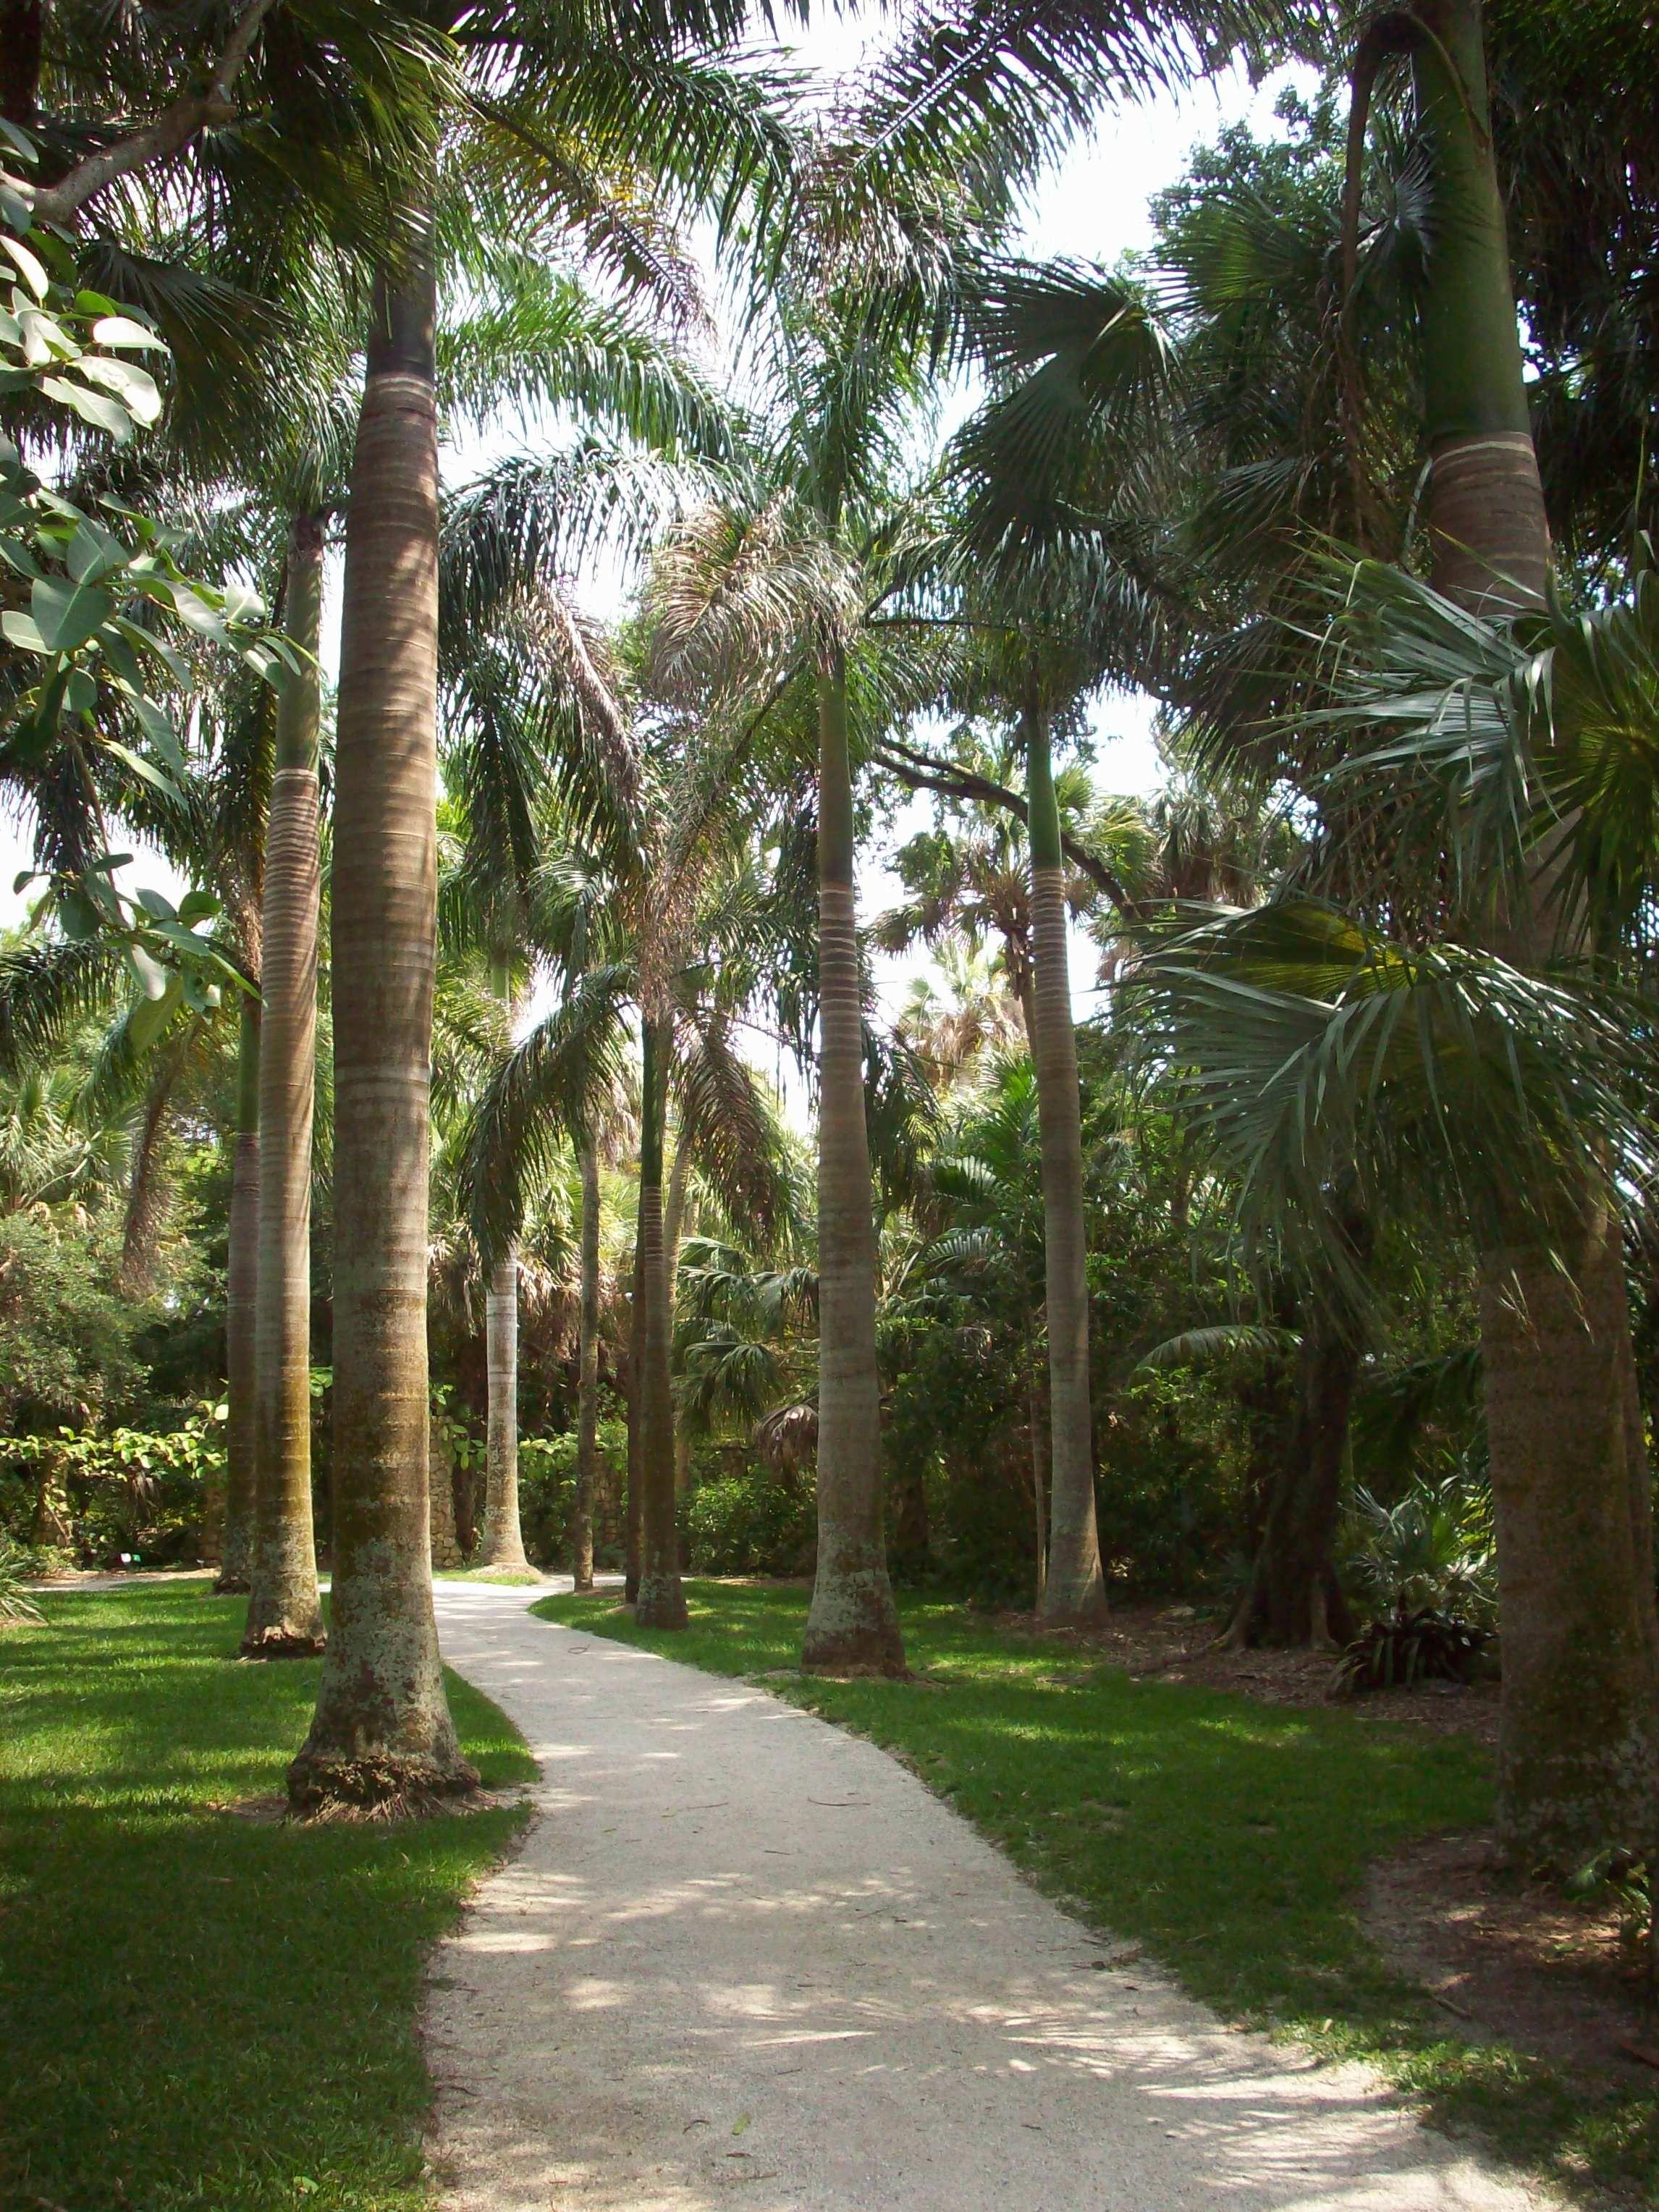 Strolling mckee botanical gardens vero beach fl - Mckee botanical gardens vero beach ...